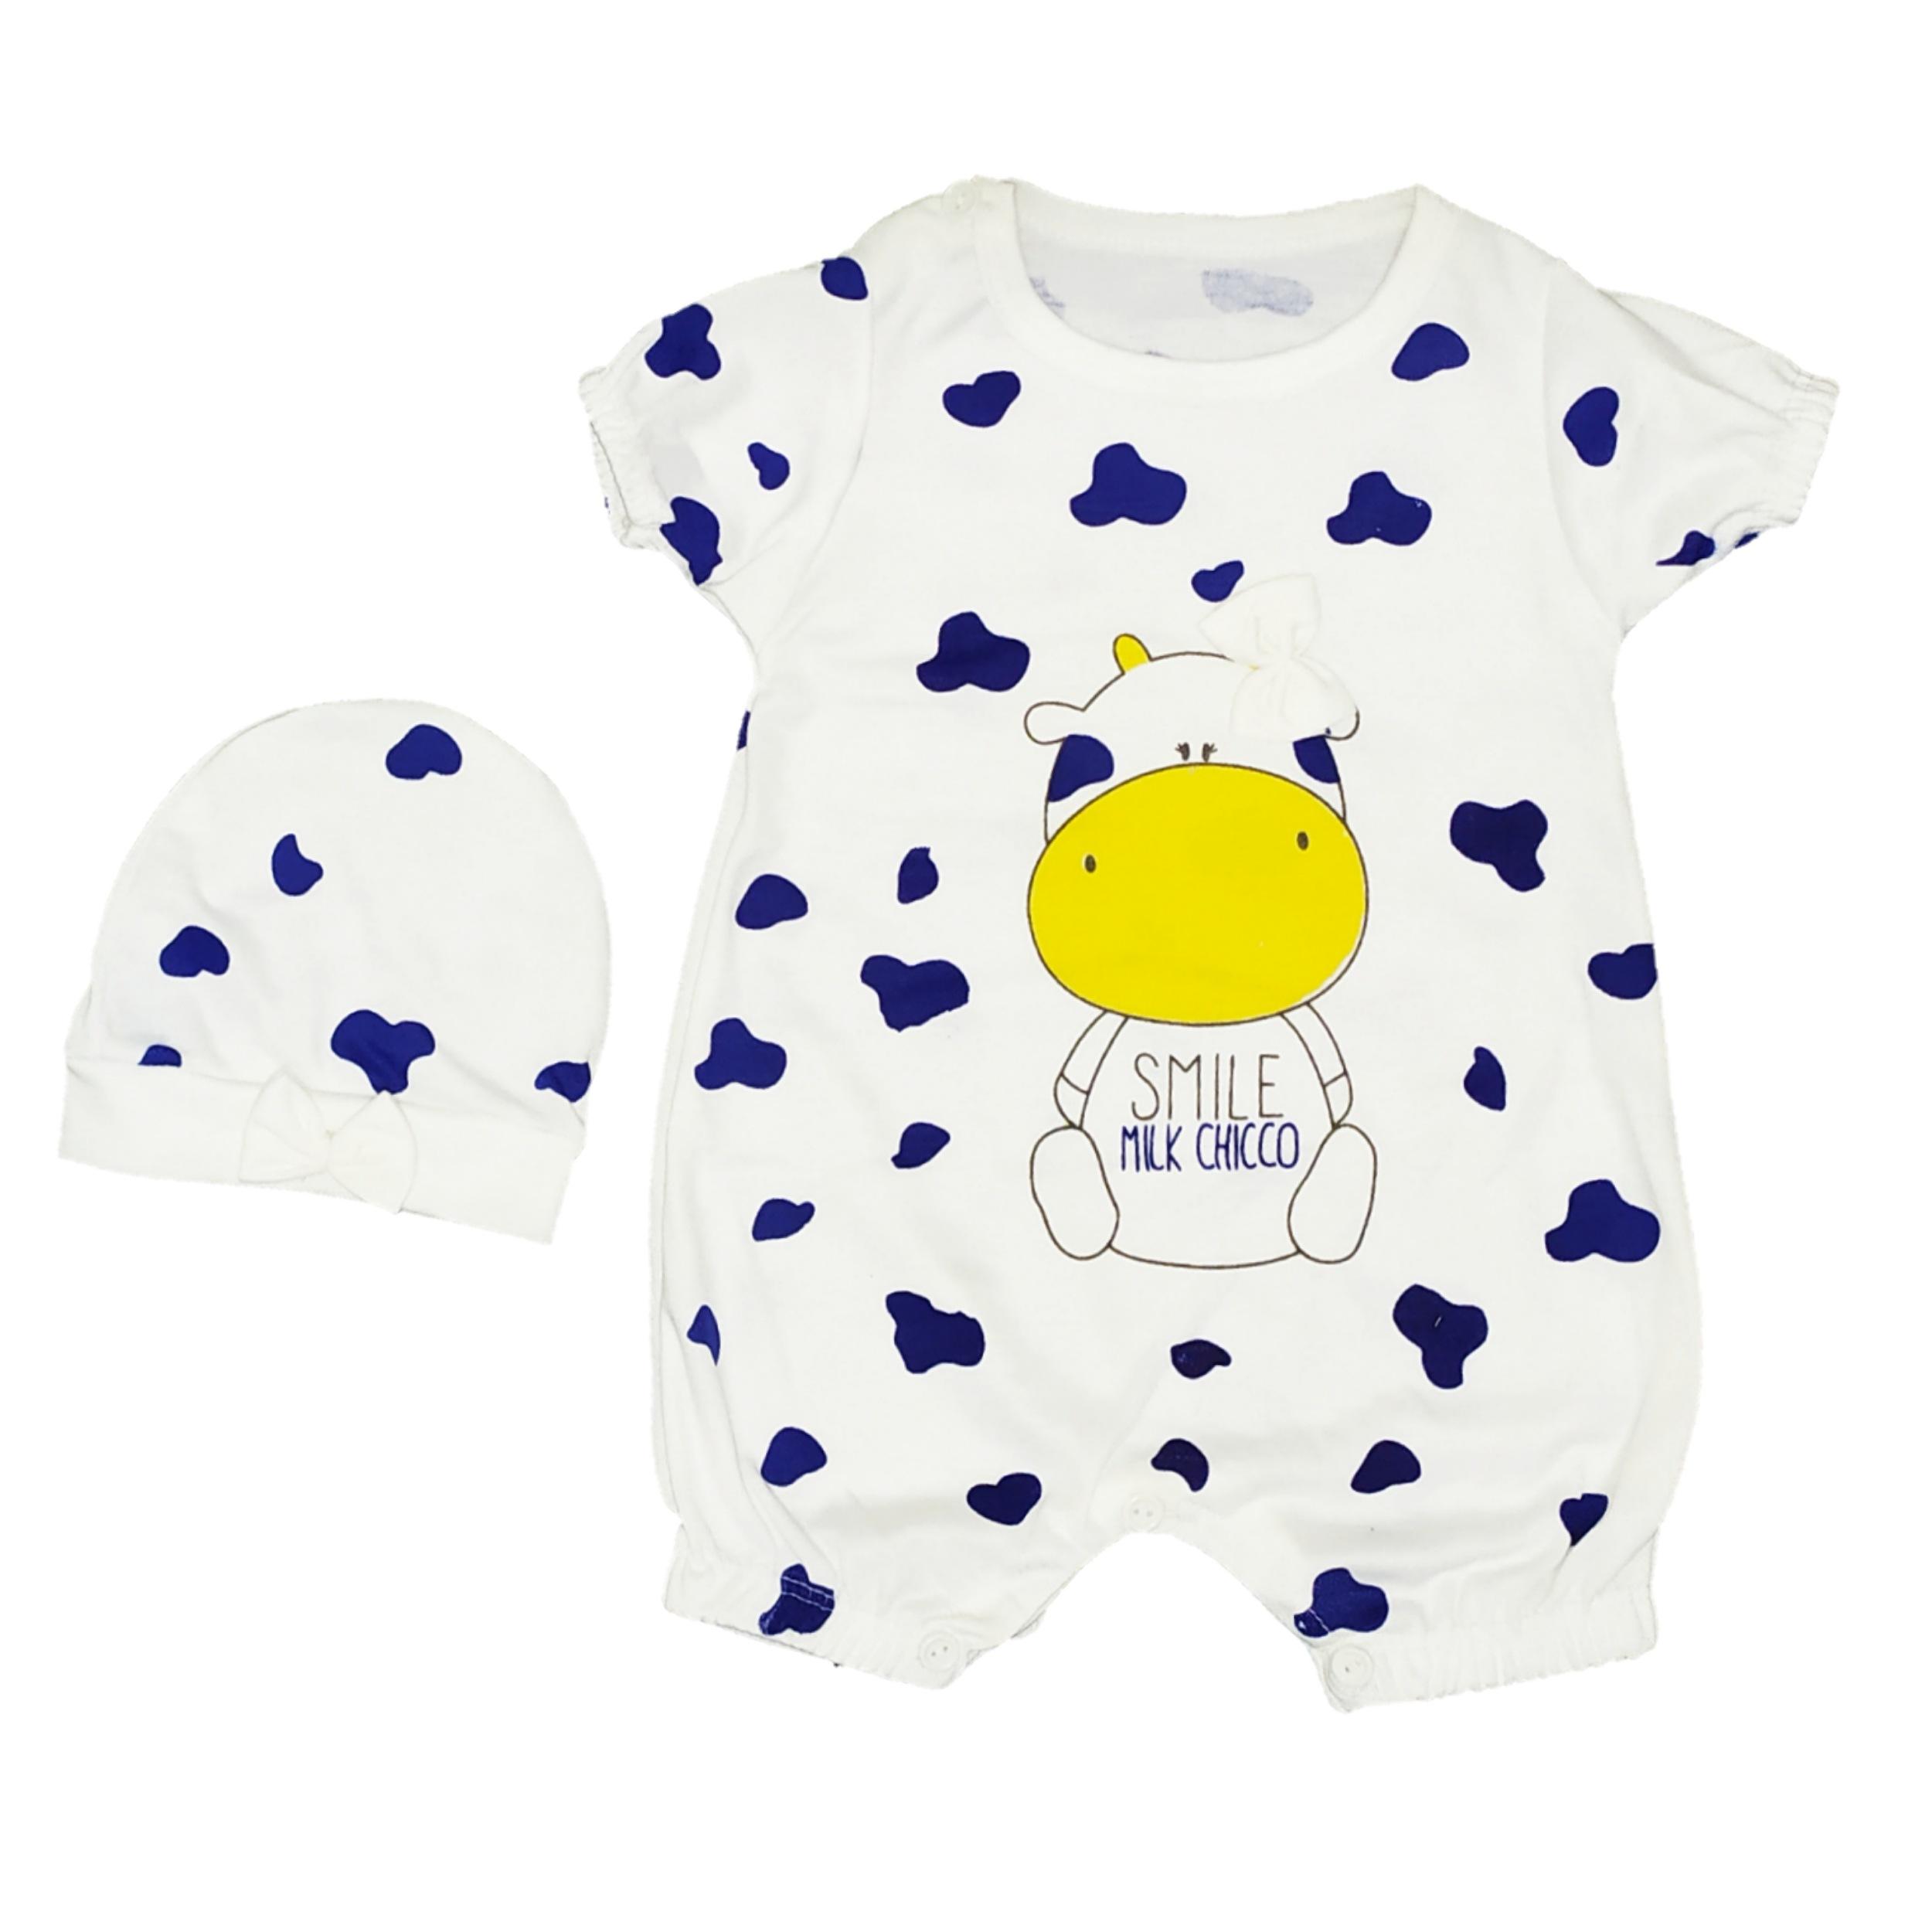 ست کلاه و سرهمی نوزاد کد 008